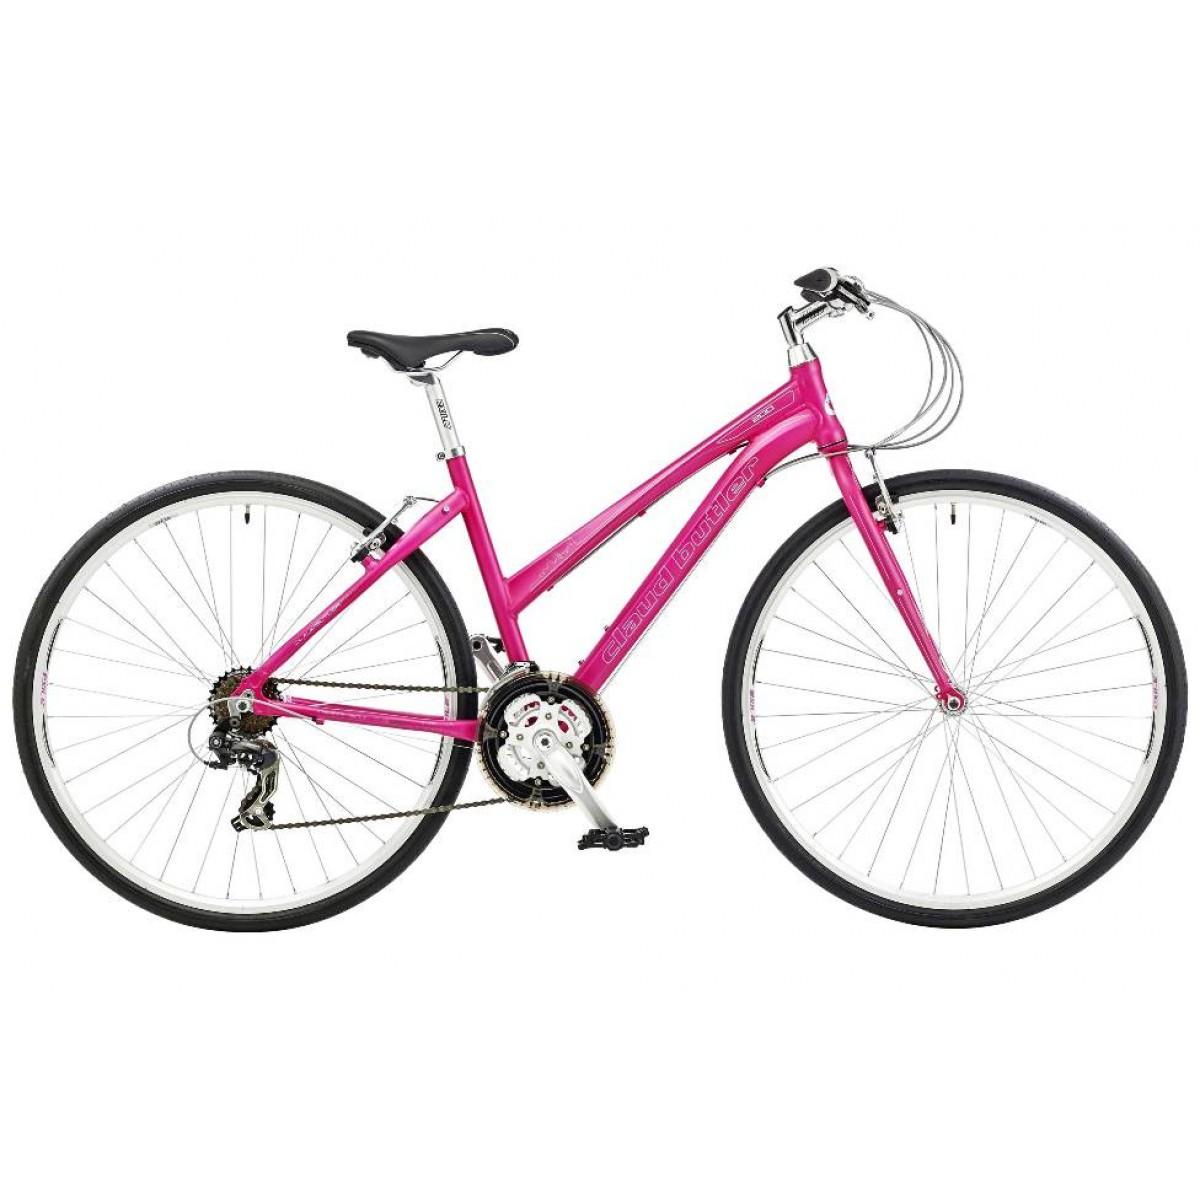 Claud Butler Urban 200 Ladies Hybrid Bike